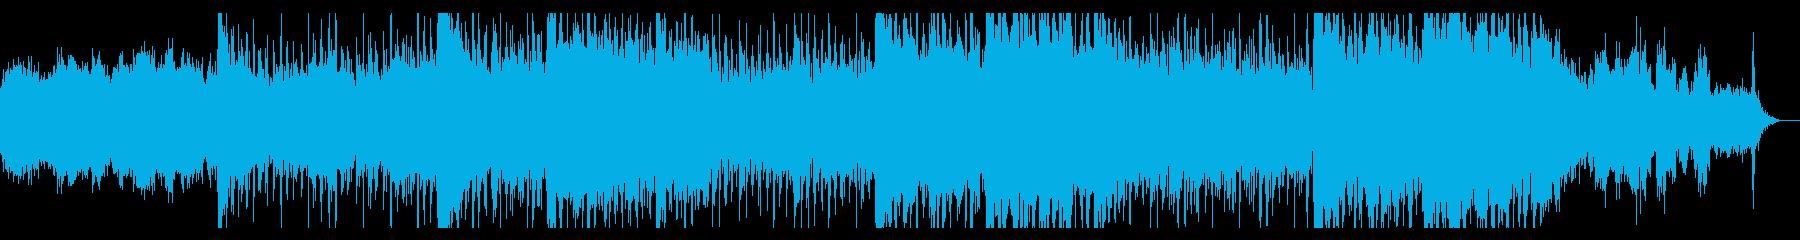 ダークなシネマティックテクスチャの再生済みの波形